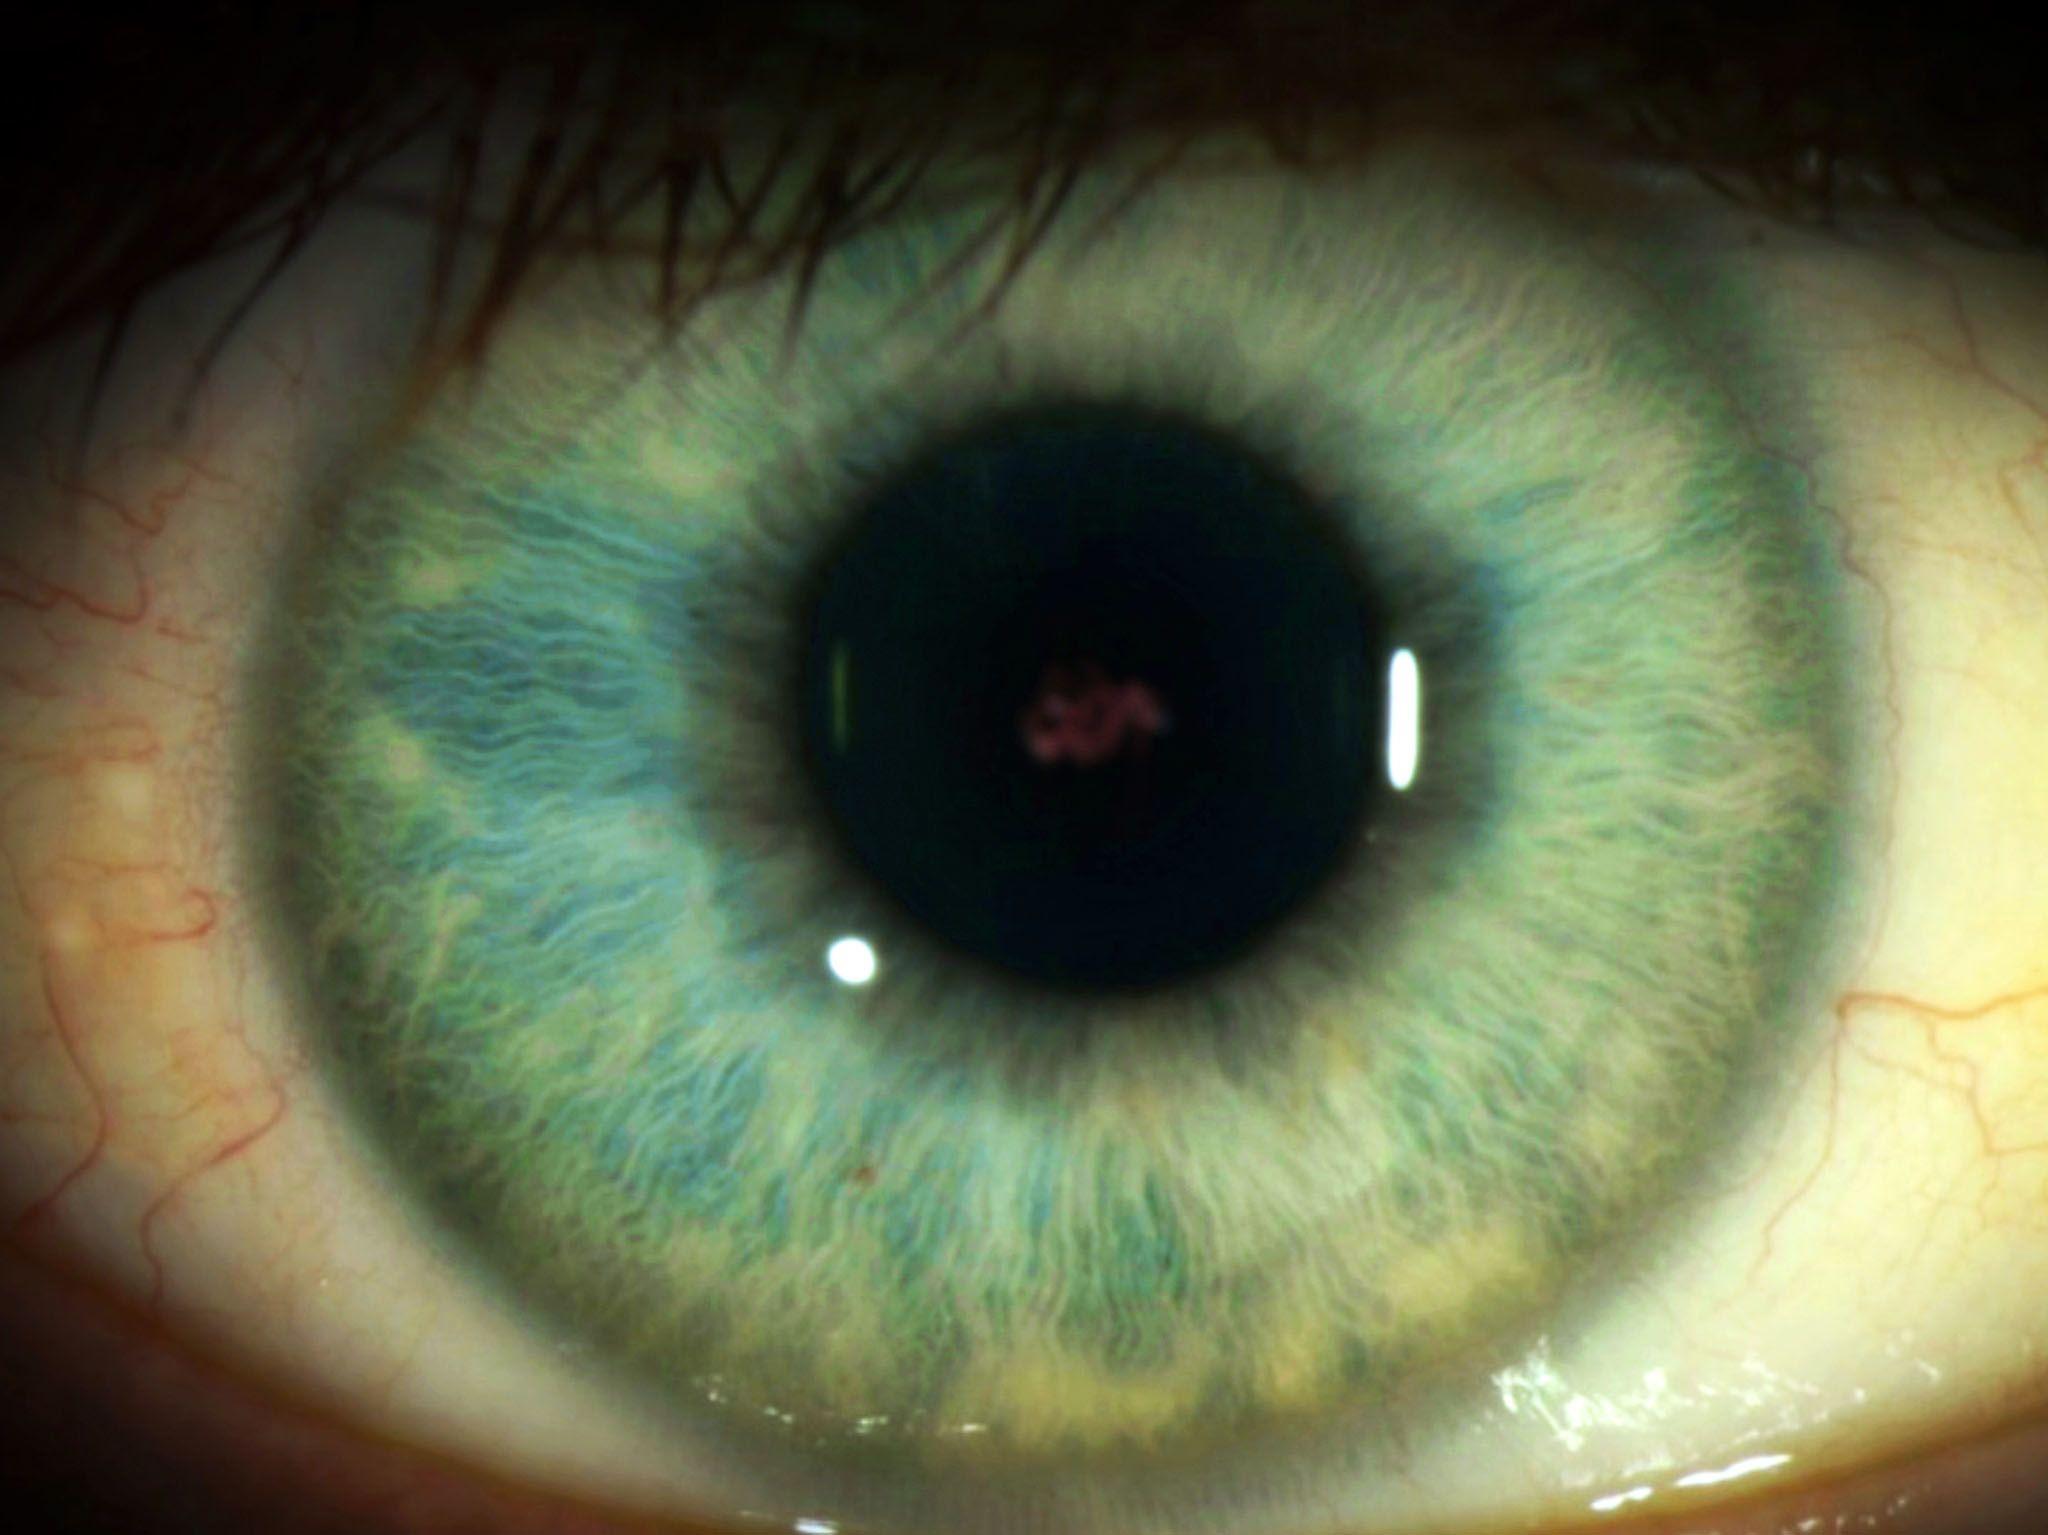 Il virus Ebola si nasconde davvero negli occhi? [Foto del giorno - gennaio 2017]